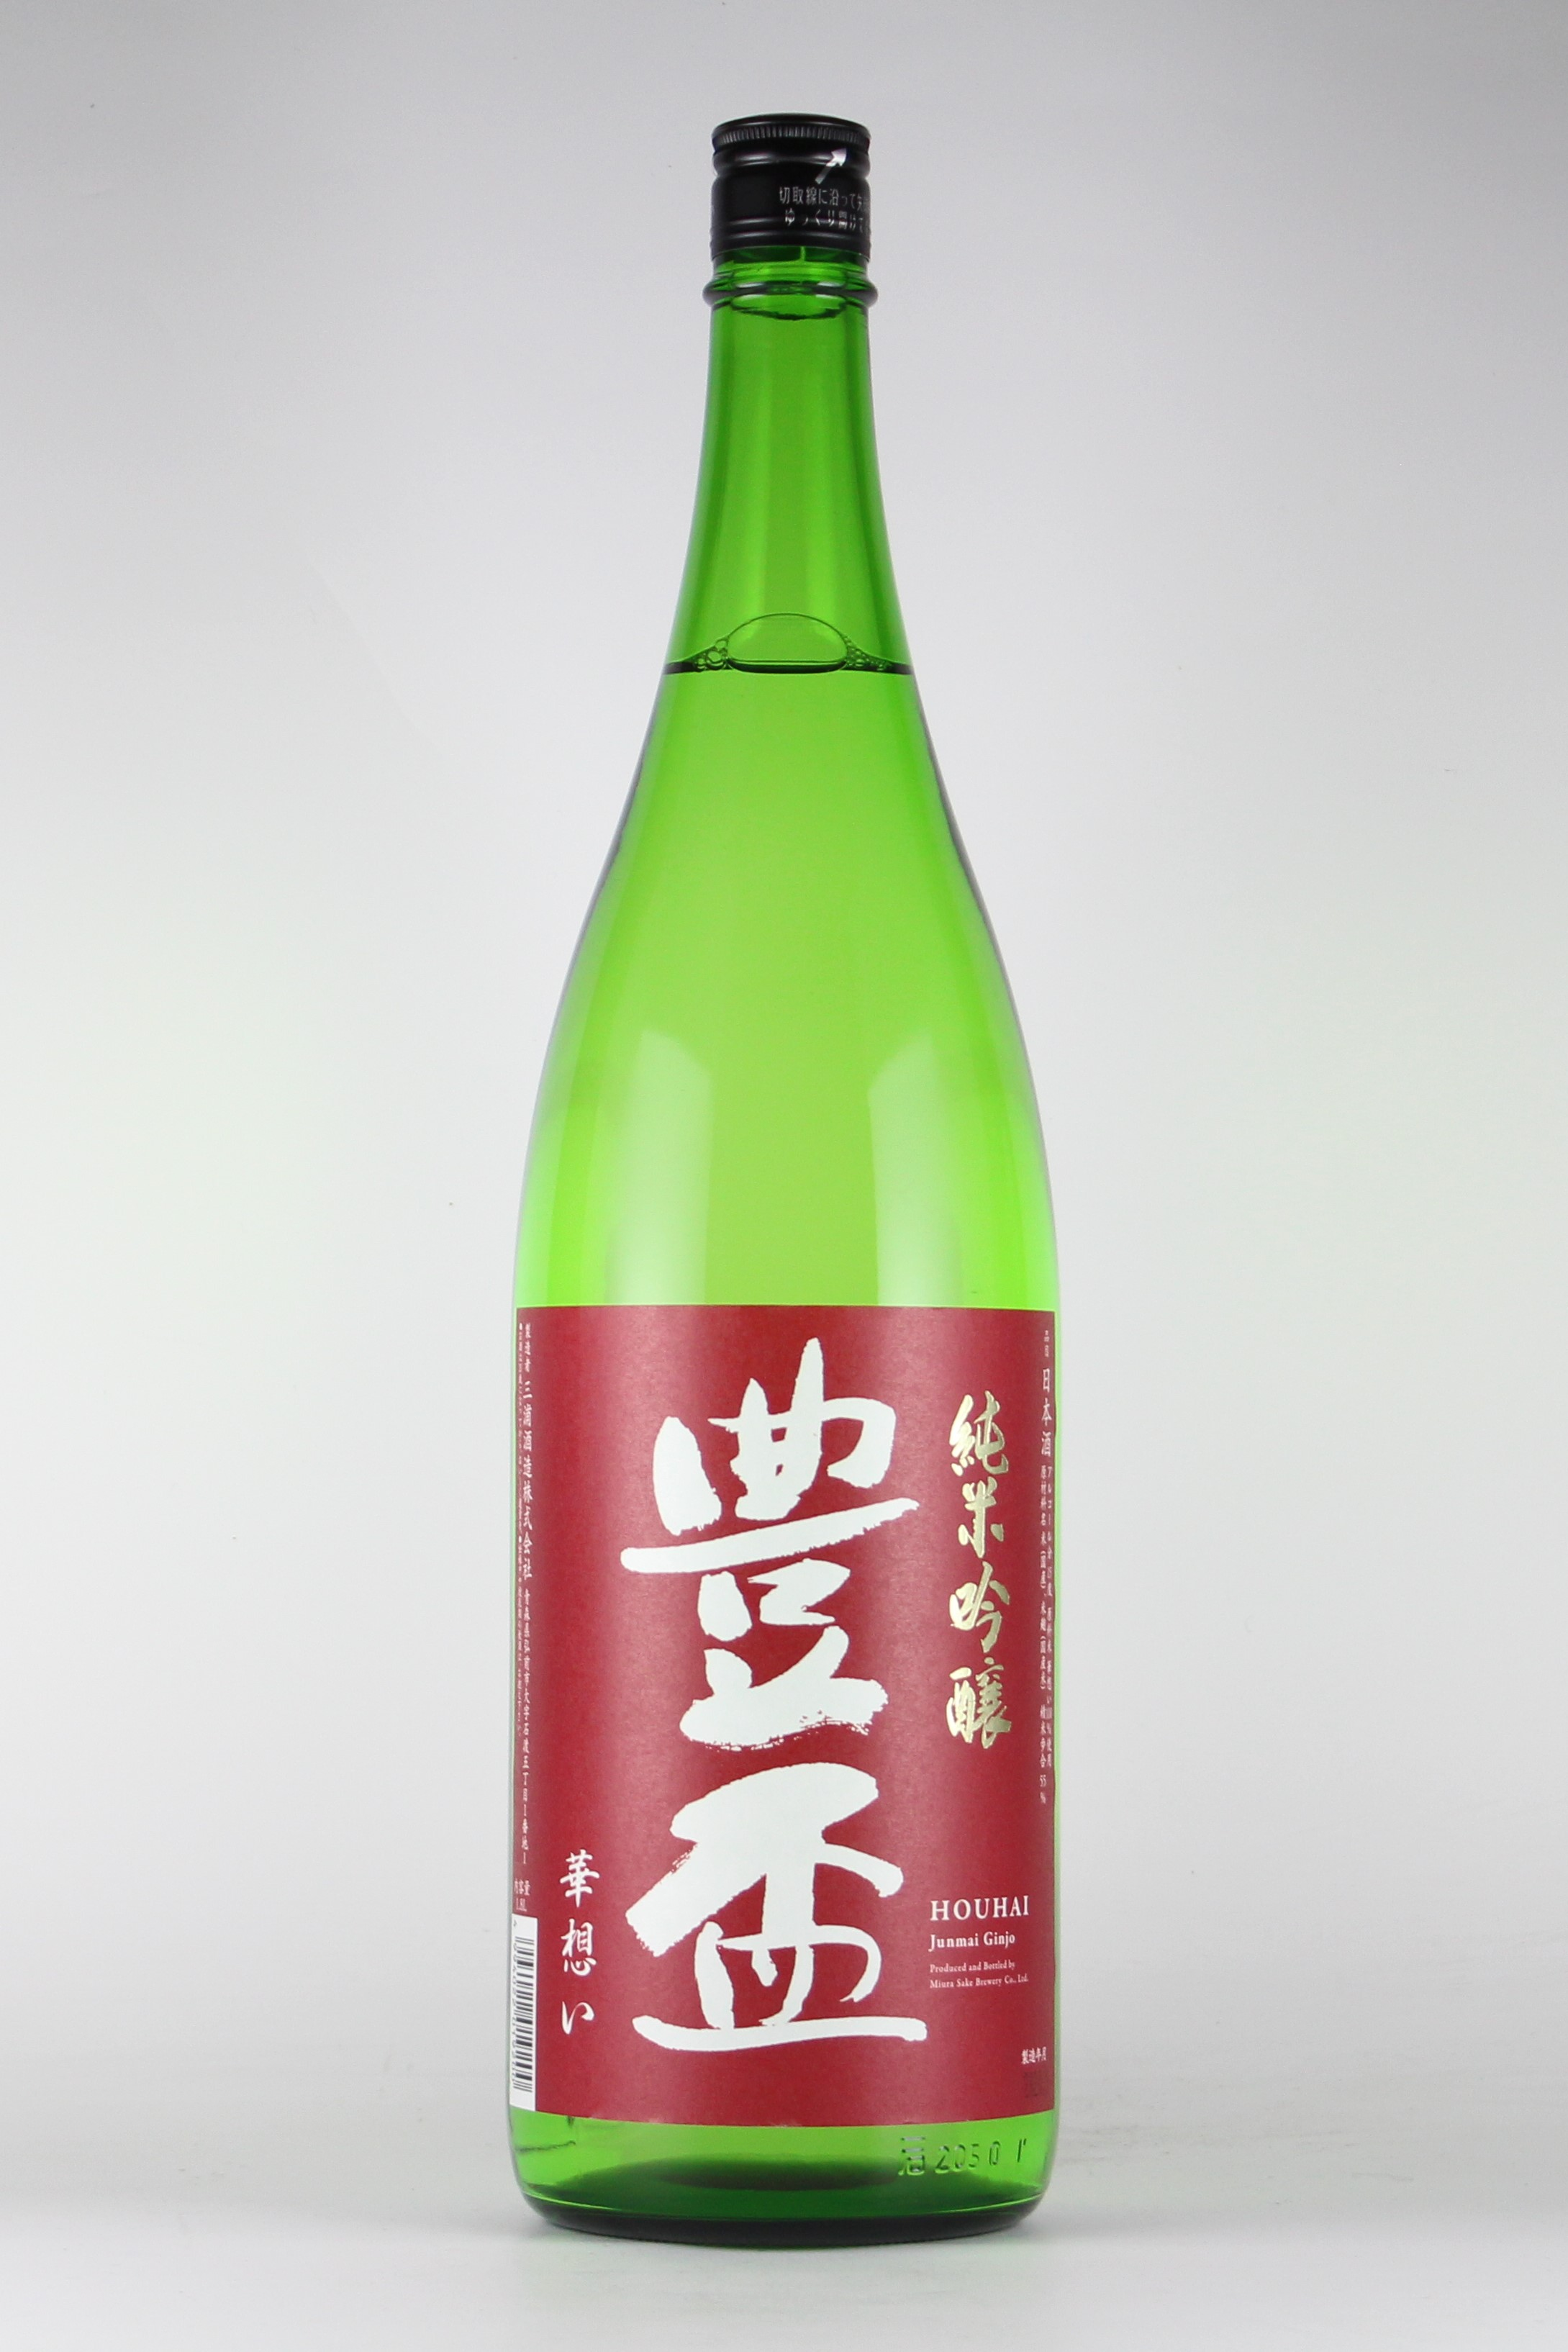 豊盃2020 純米吟醸 華想い 1800ml 【青森/三浦酒造】